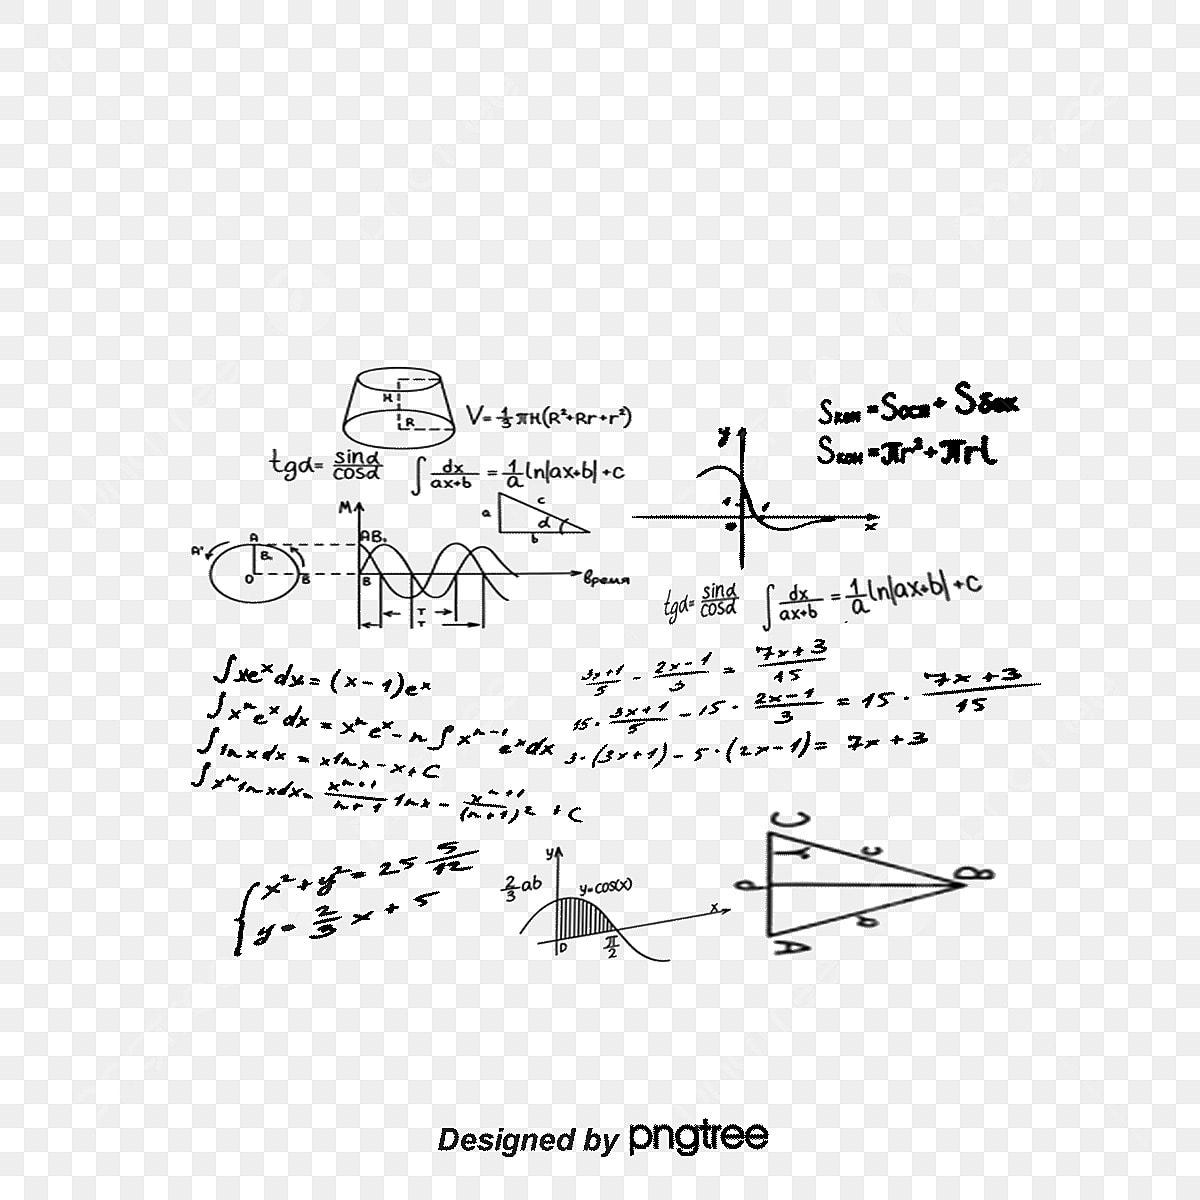 数学公式画像ノート 漂う ベクトル 数学ノート画像素材の無料